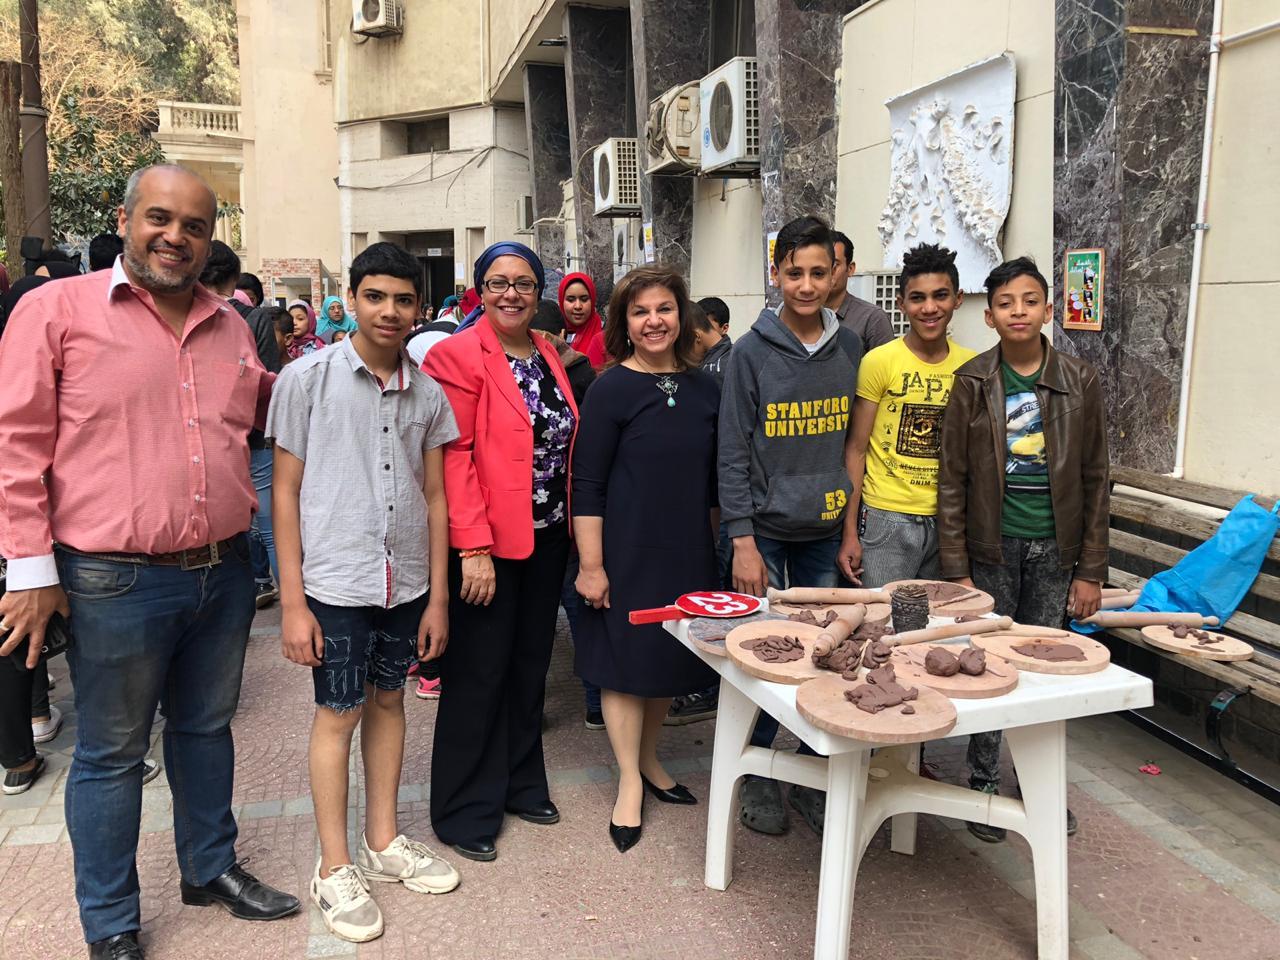 الدكتورة صفية القبانى تشارك فى الاحتفال بيوم اليتيم بـفنون جميلة الزمالك (2)